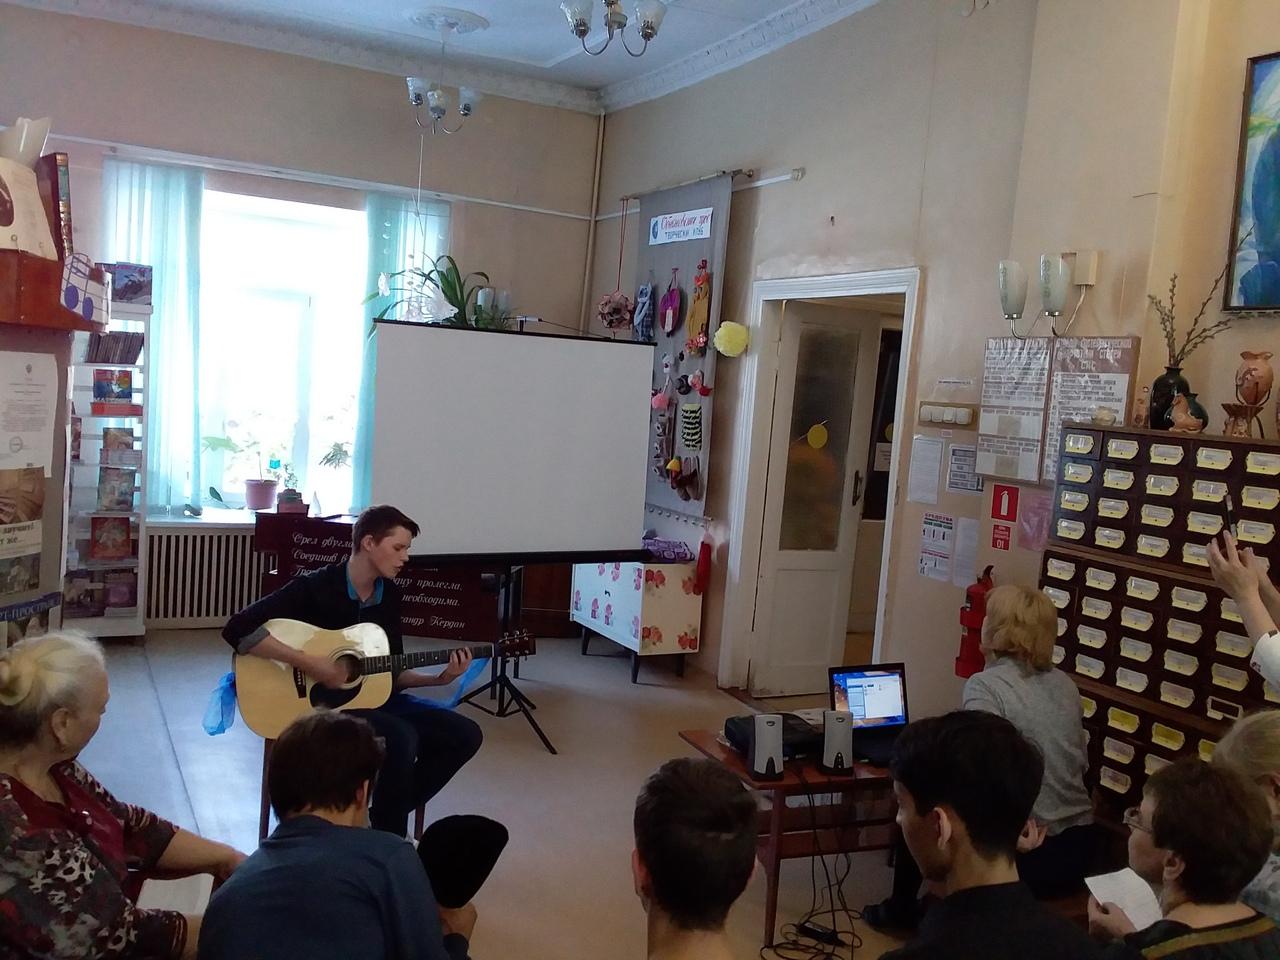 В городе Коркино (Челябинская область) сегодня, 21 марта, отметили Всемирный день поэзии. Праздни